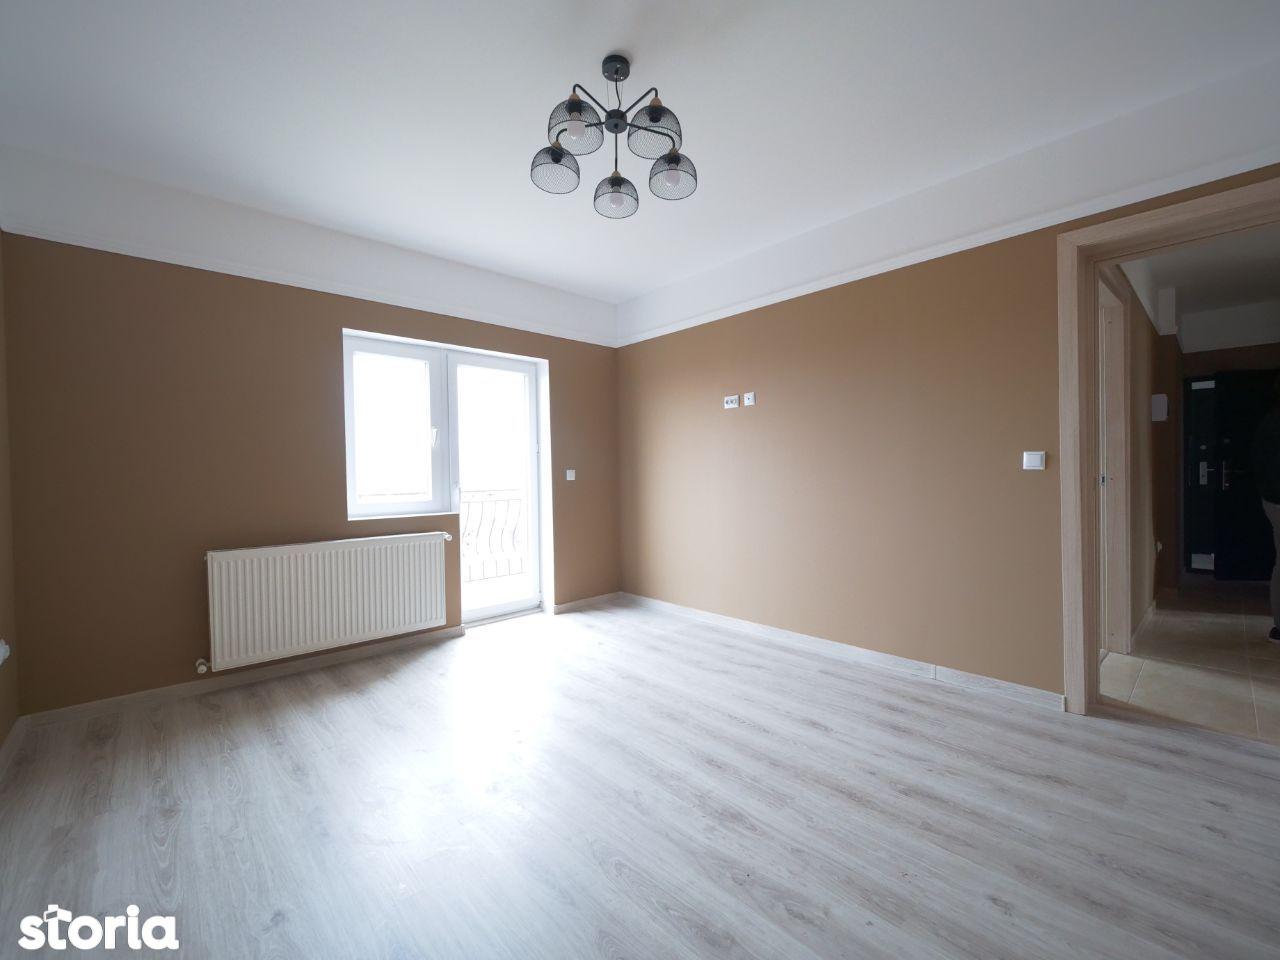 Apartament 1cam 28000E, 2cam ( 41500E) 3 camere( 54000E)Lunca Cetatuii